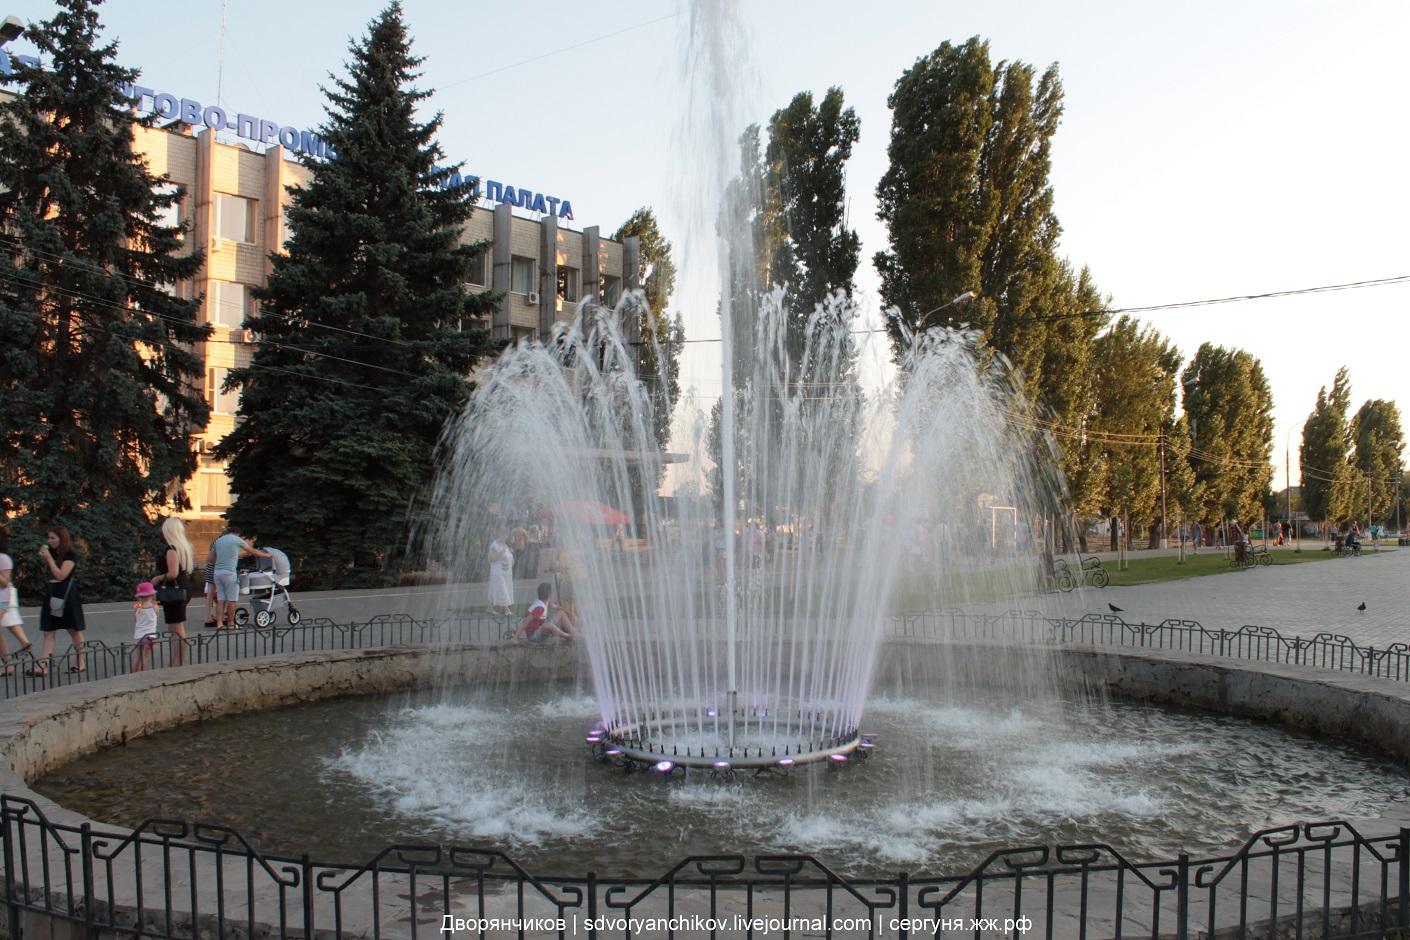 Парк Волжский - волжский Арбат